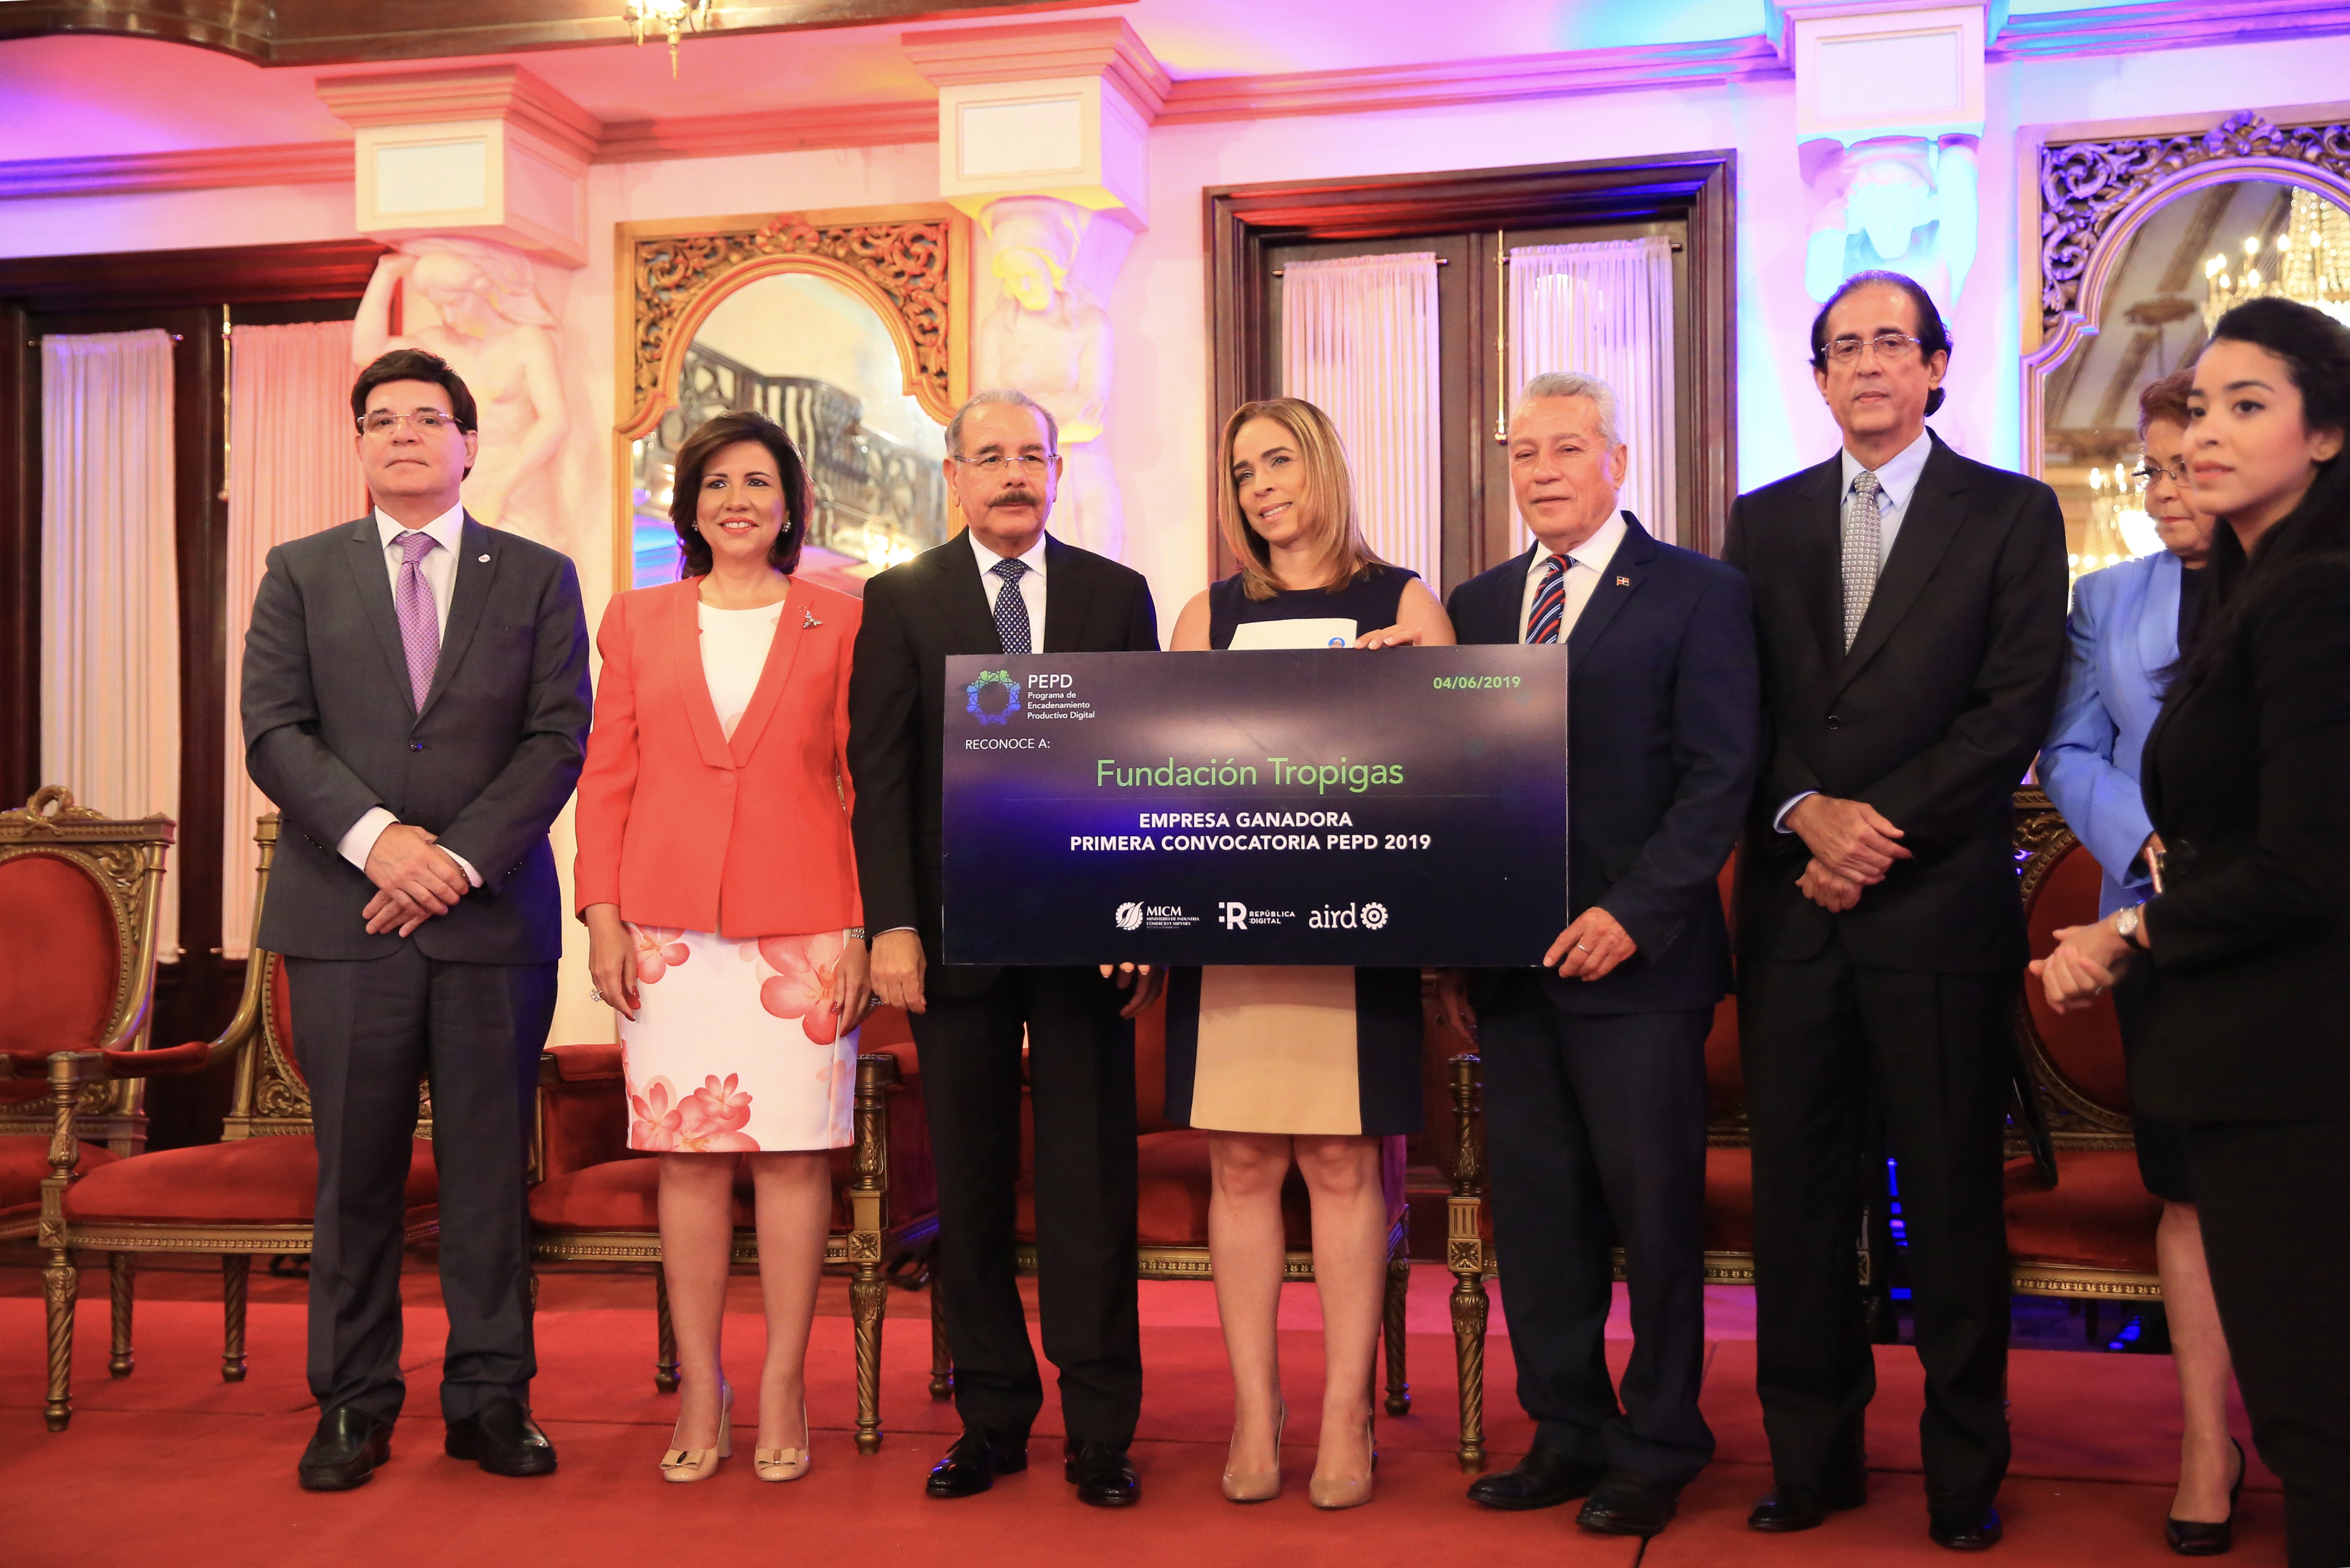 Tropigas Dominicana y Fundación Tropigas ganan premio de encadenamiento productivo digital